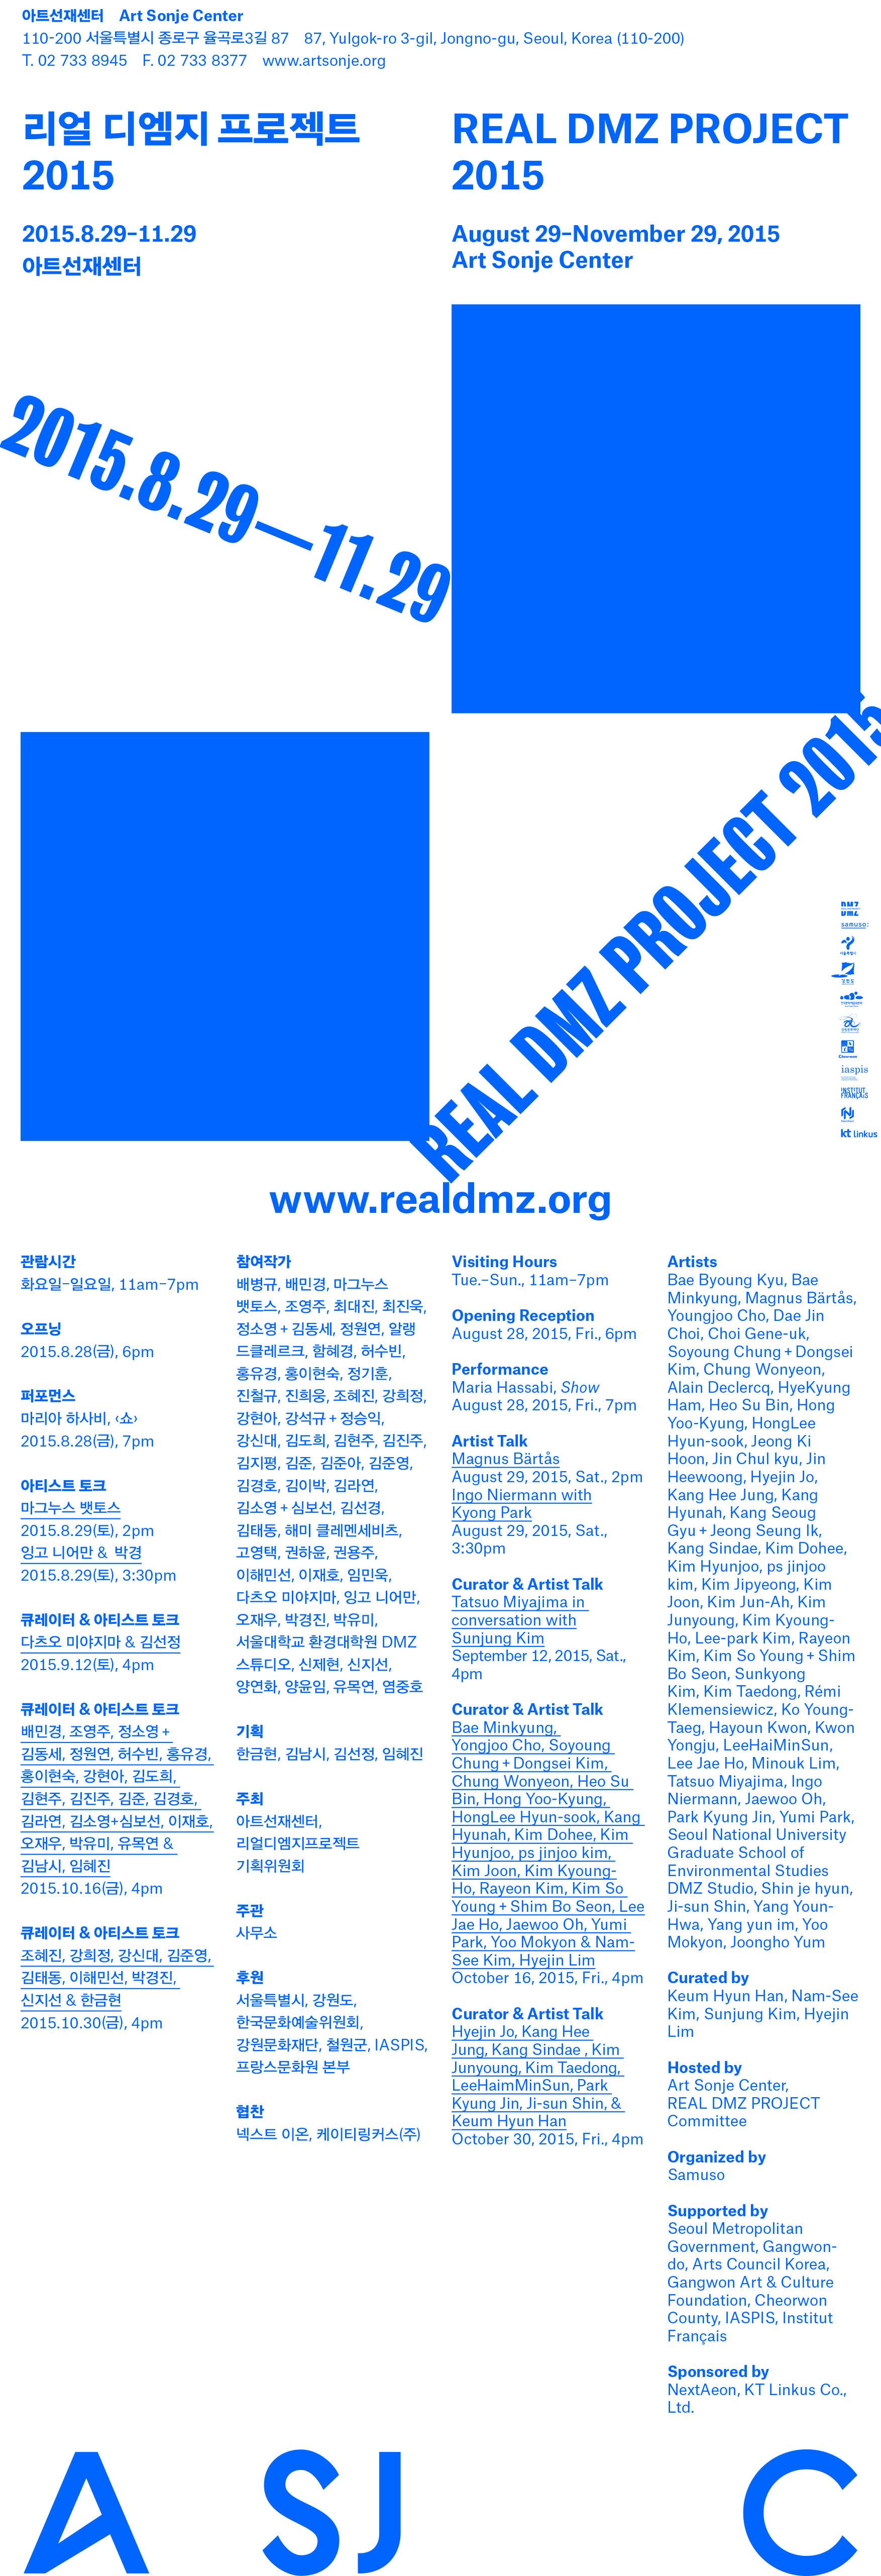 리얼 디엠지 프로젝트 2015